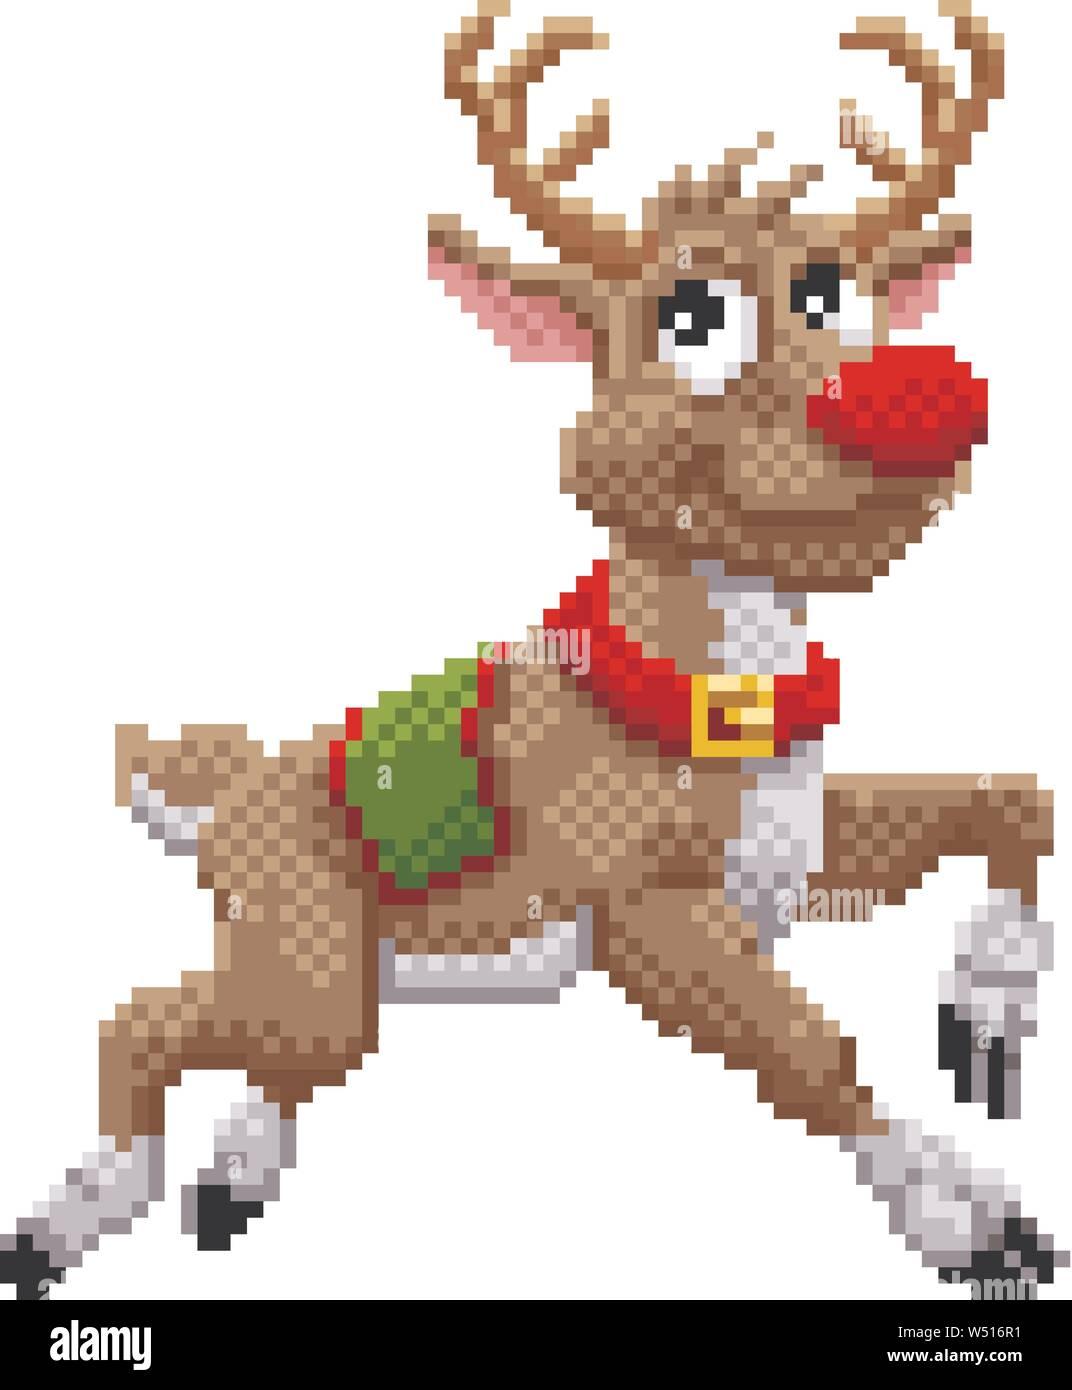 Santa Claus Reindeer 8 Bit Video Game Pixel Art Stock Vector